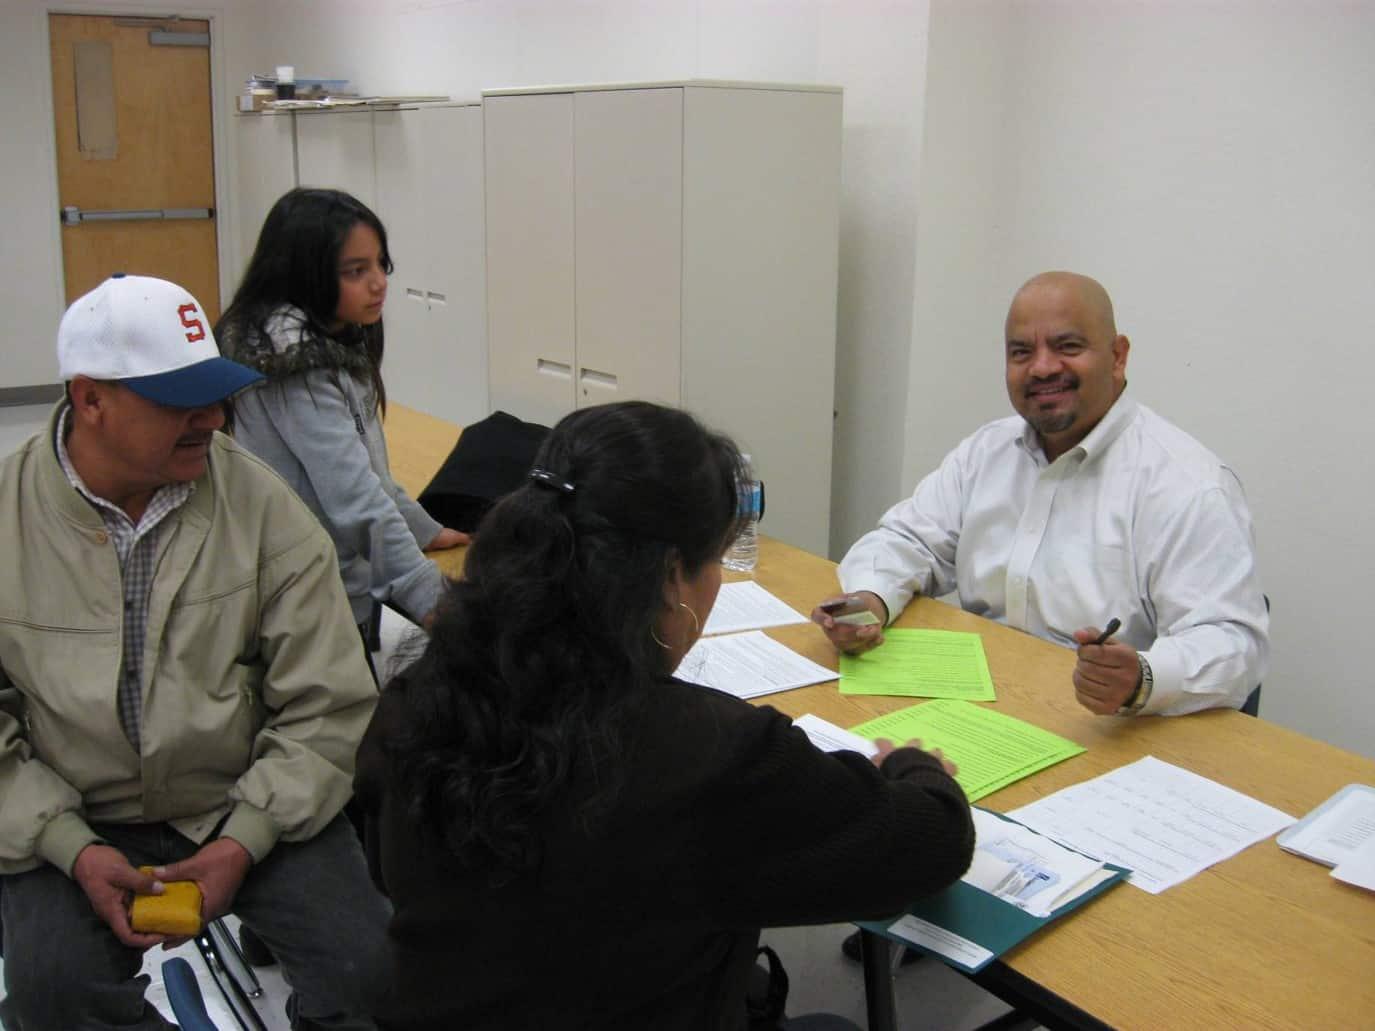 Citizenship Pre-Screening in Fresno May 13 2017 Mi Familia Vota